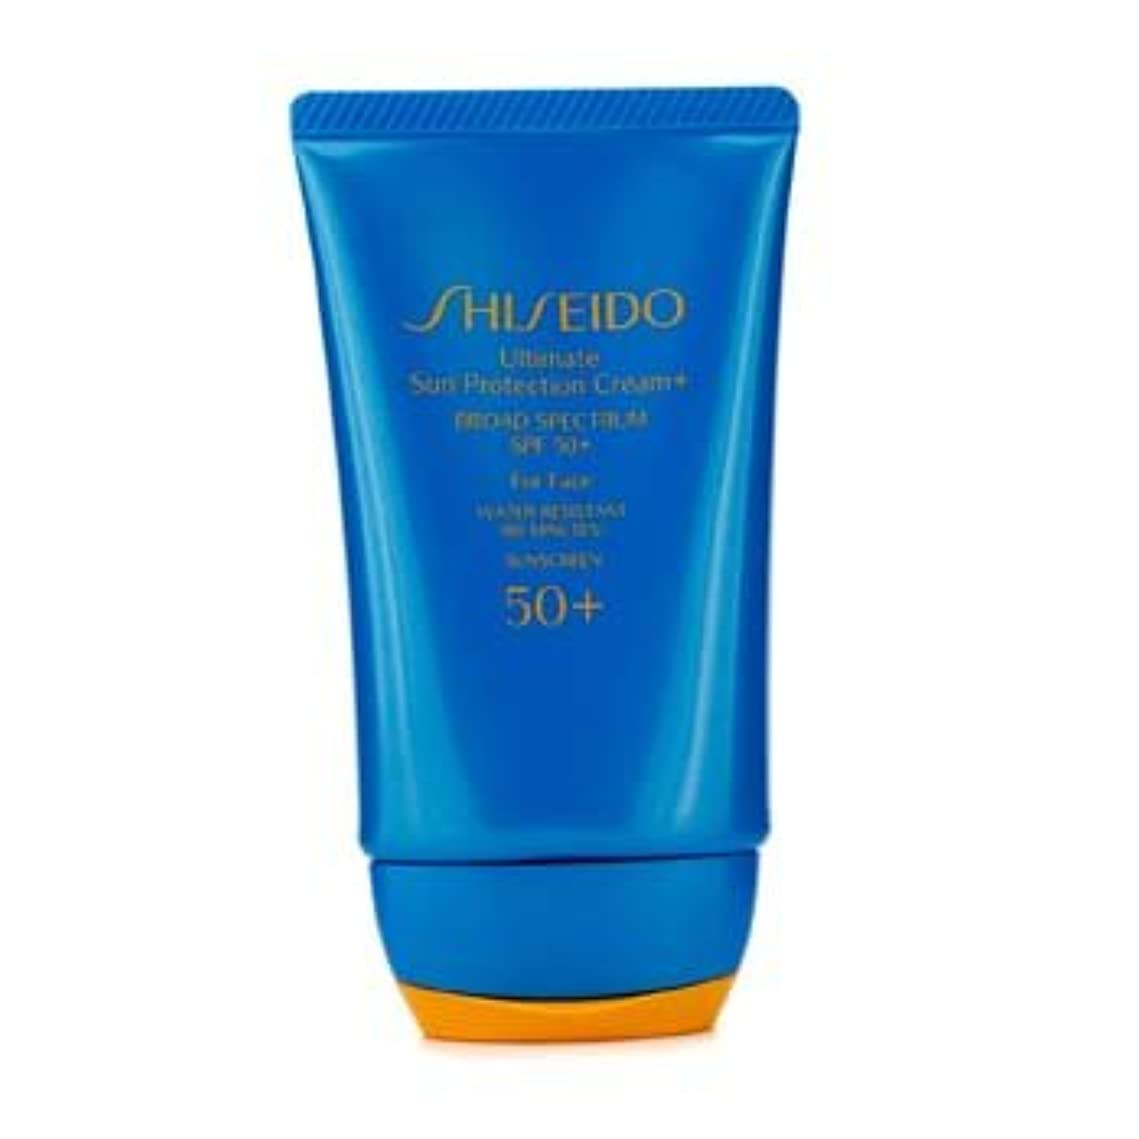 トンアルミニウムよく話される[Shiseido] Ultimate Sun Protection Face Cream SPF 50+ 50ml/2.1oz